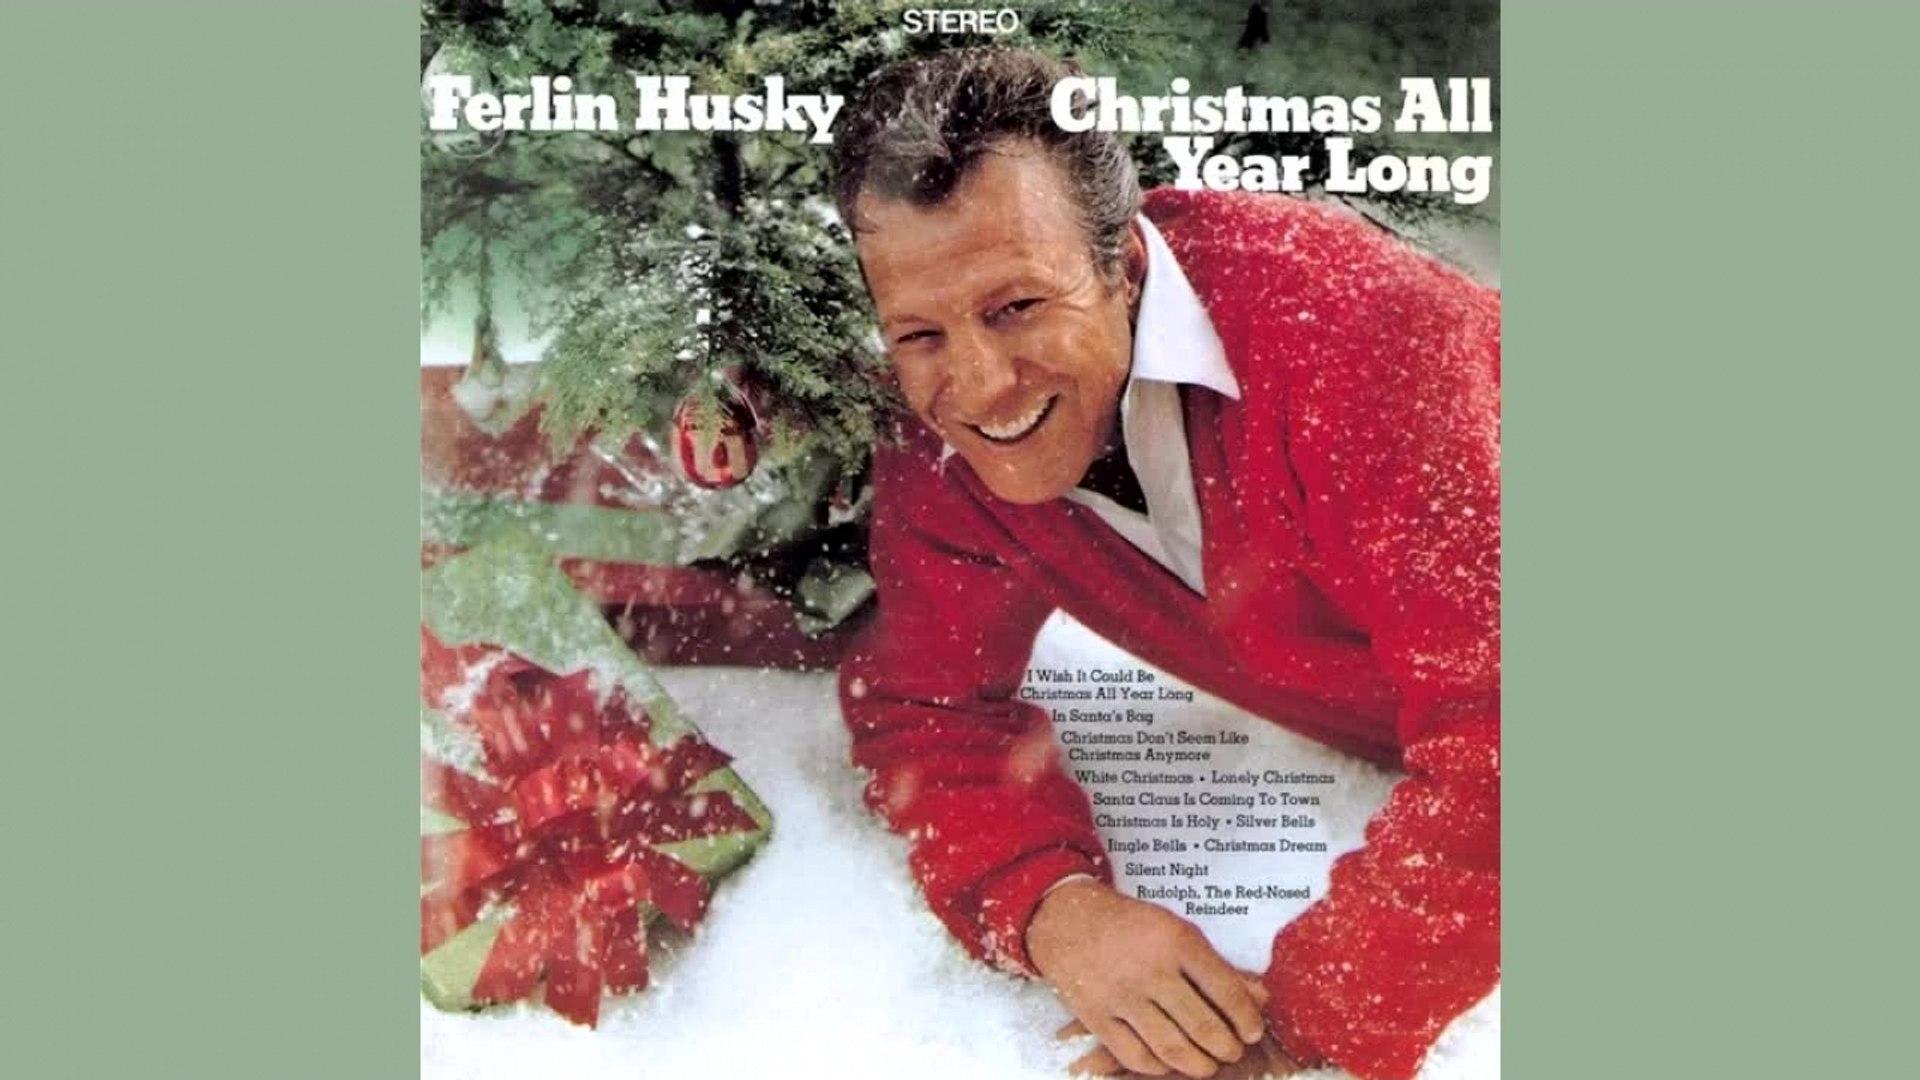 Ferlin Husky - Christmas All Year Long - Full Album